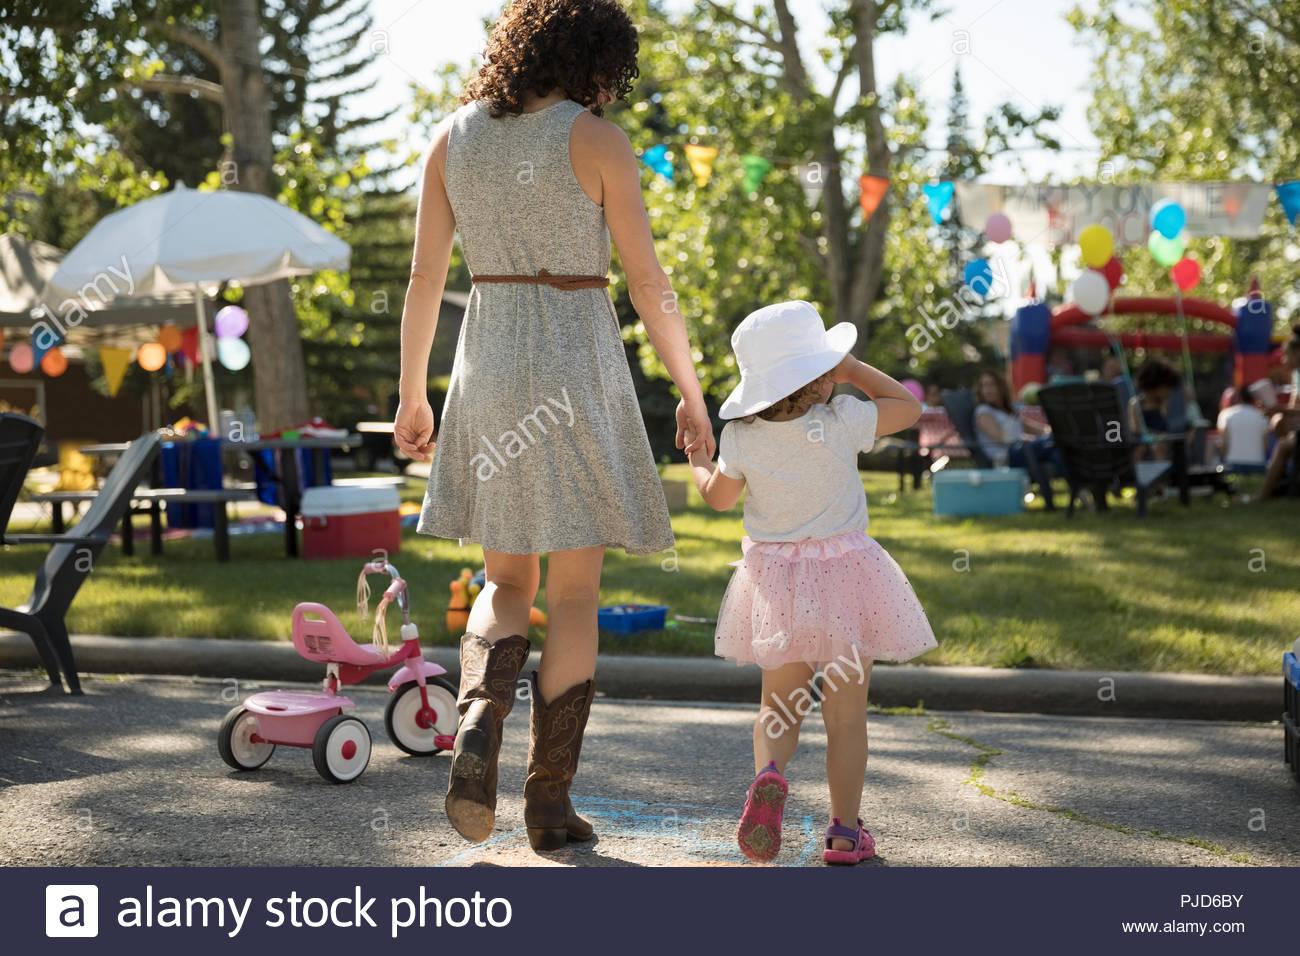 Mère et fille à marcher en direction de l'été fête de quartier en quartier park Banque D'Images